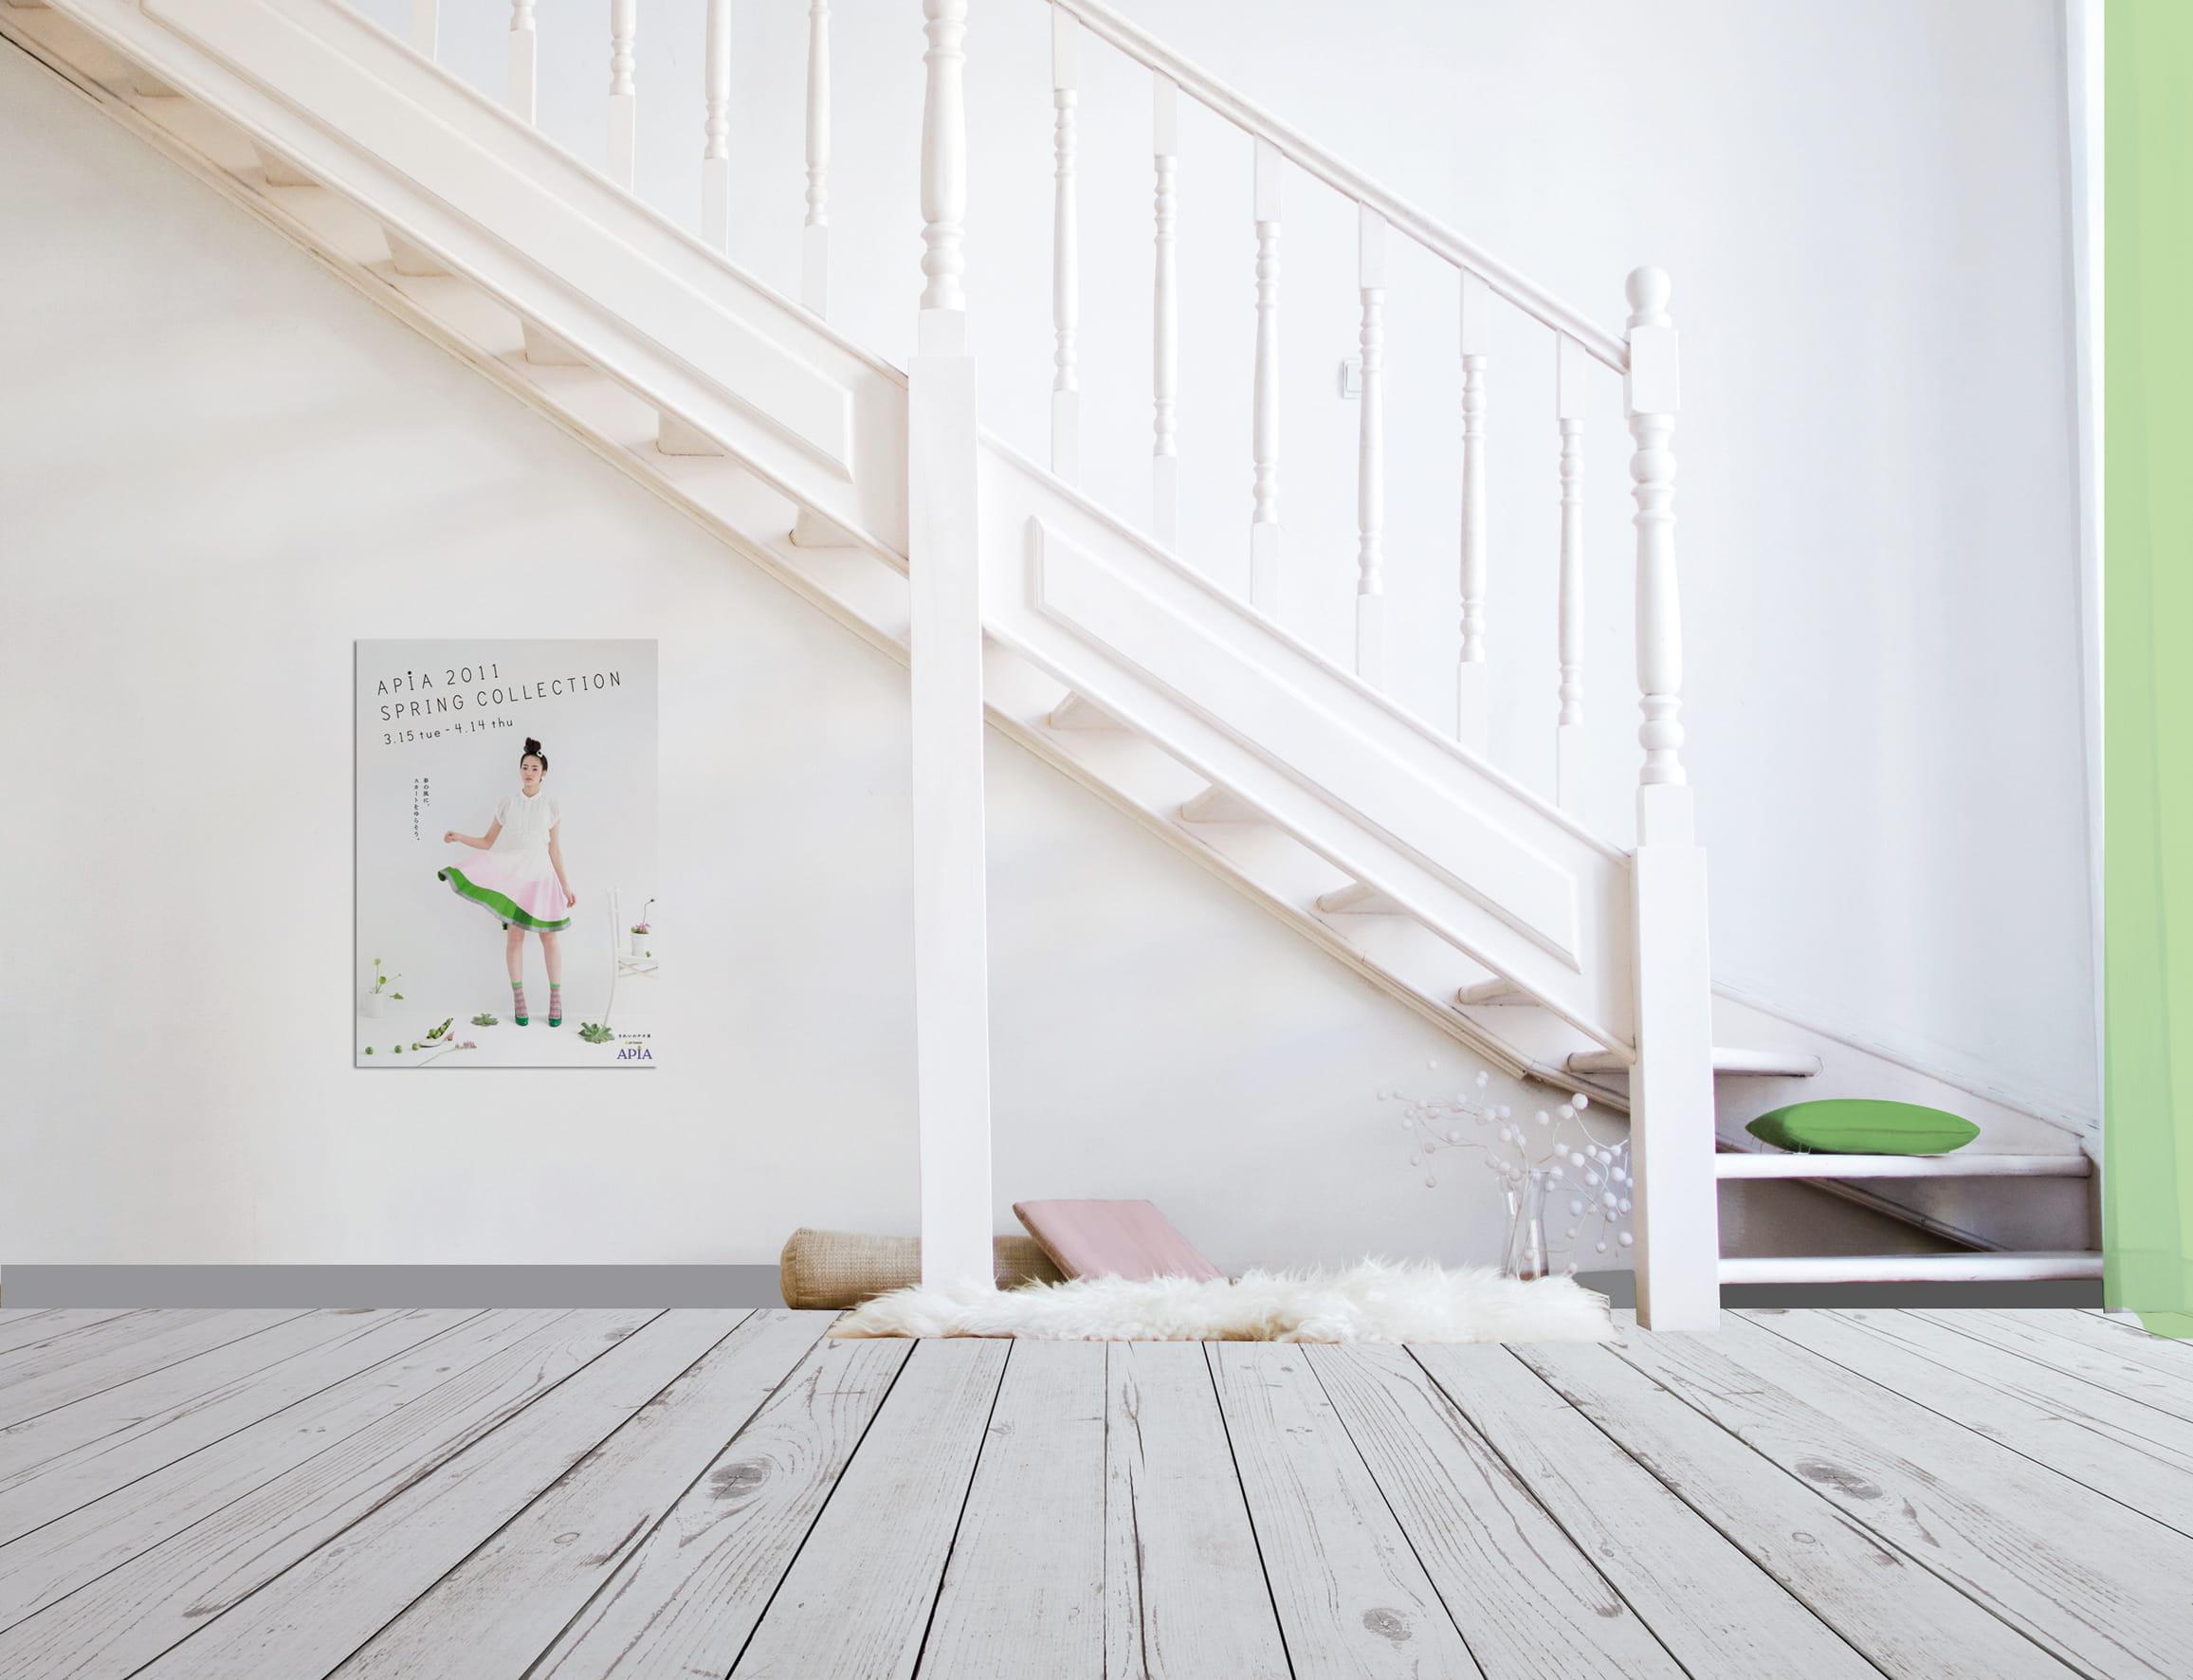 de la peinture sp ciale parquet relook bois. Black Bedroom Furniture Sets. Home Design Ideas